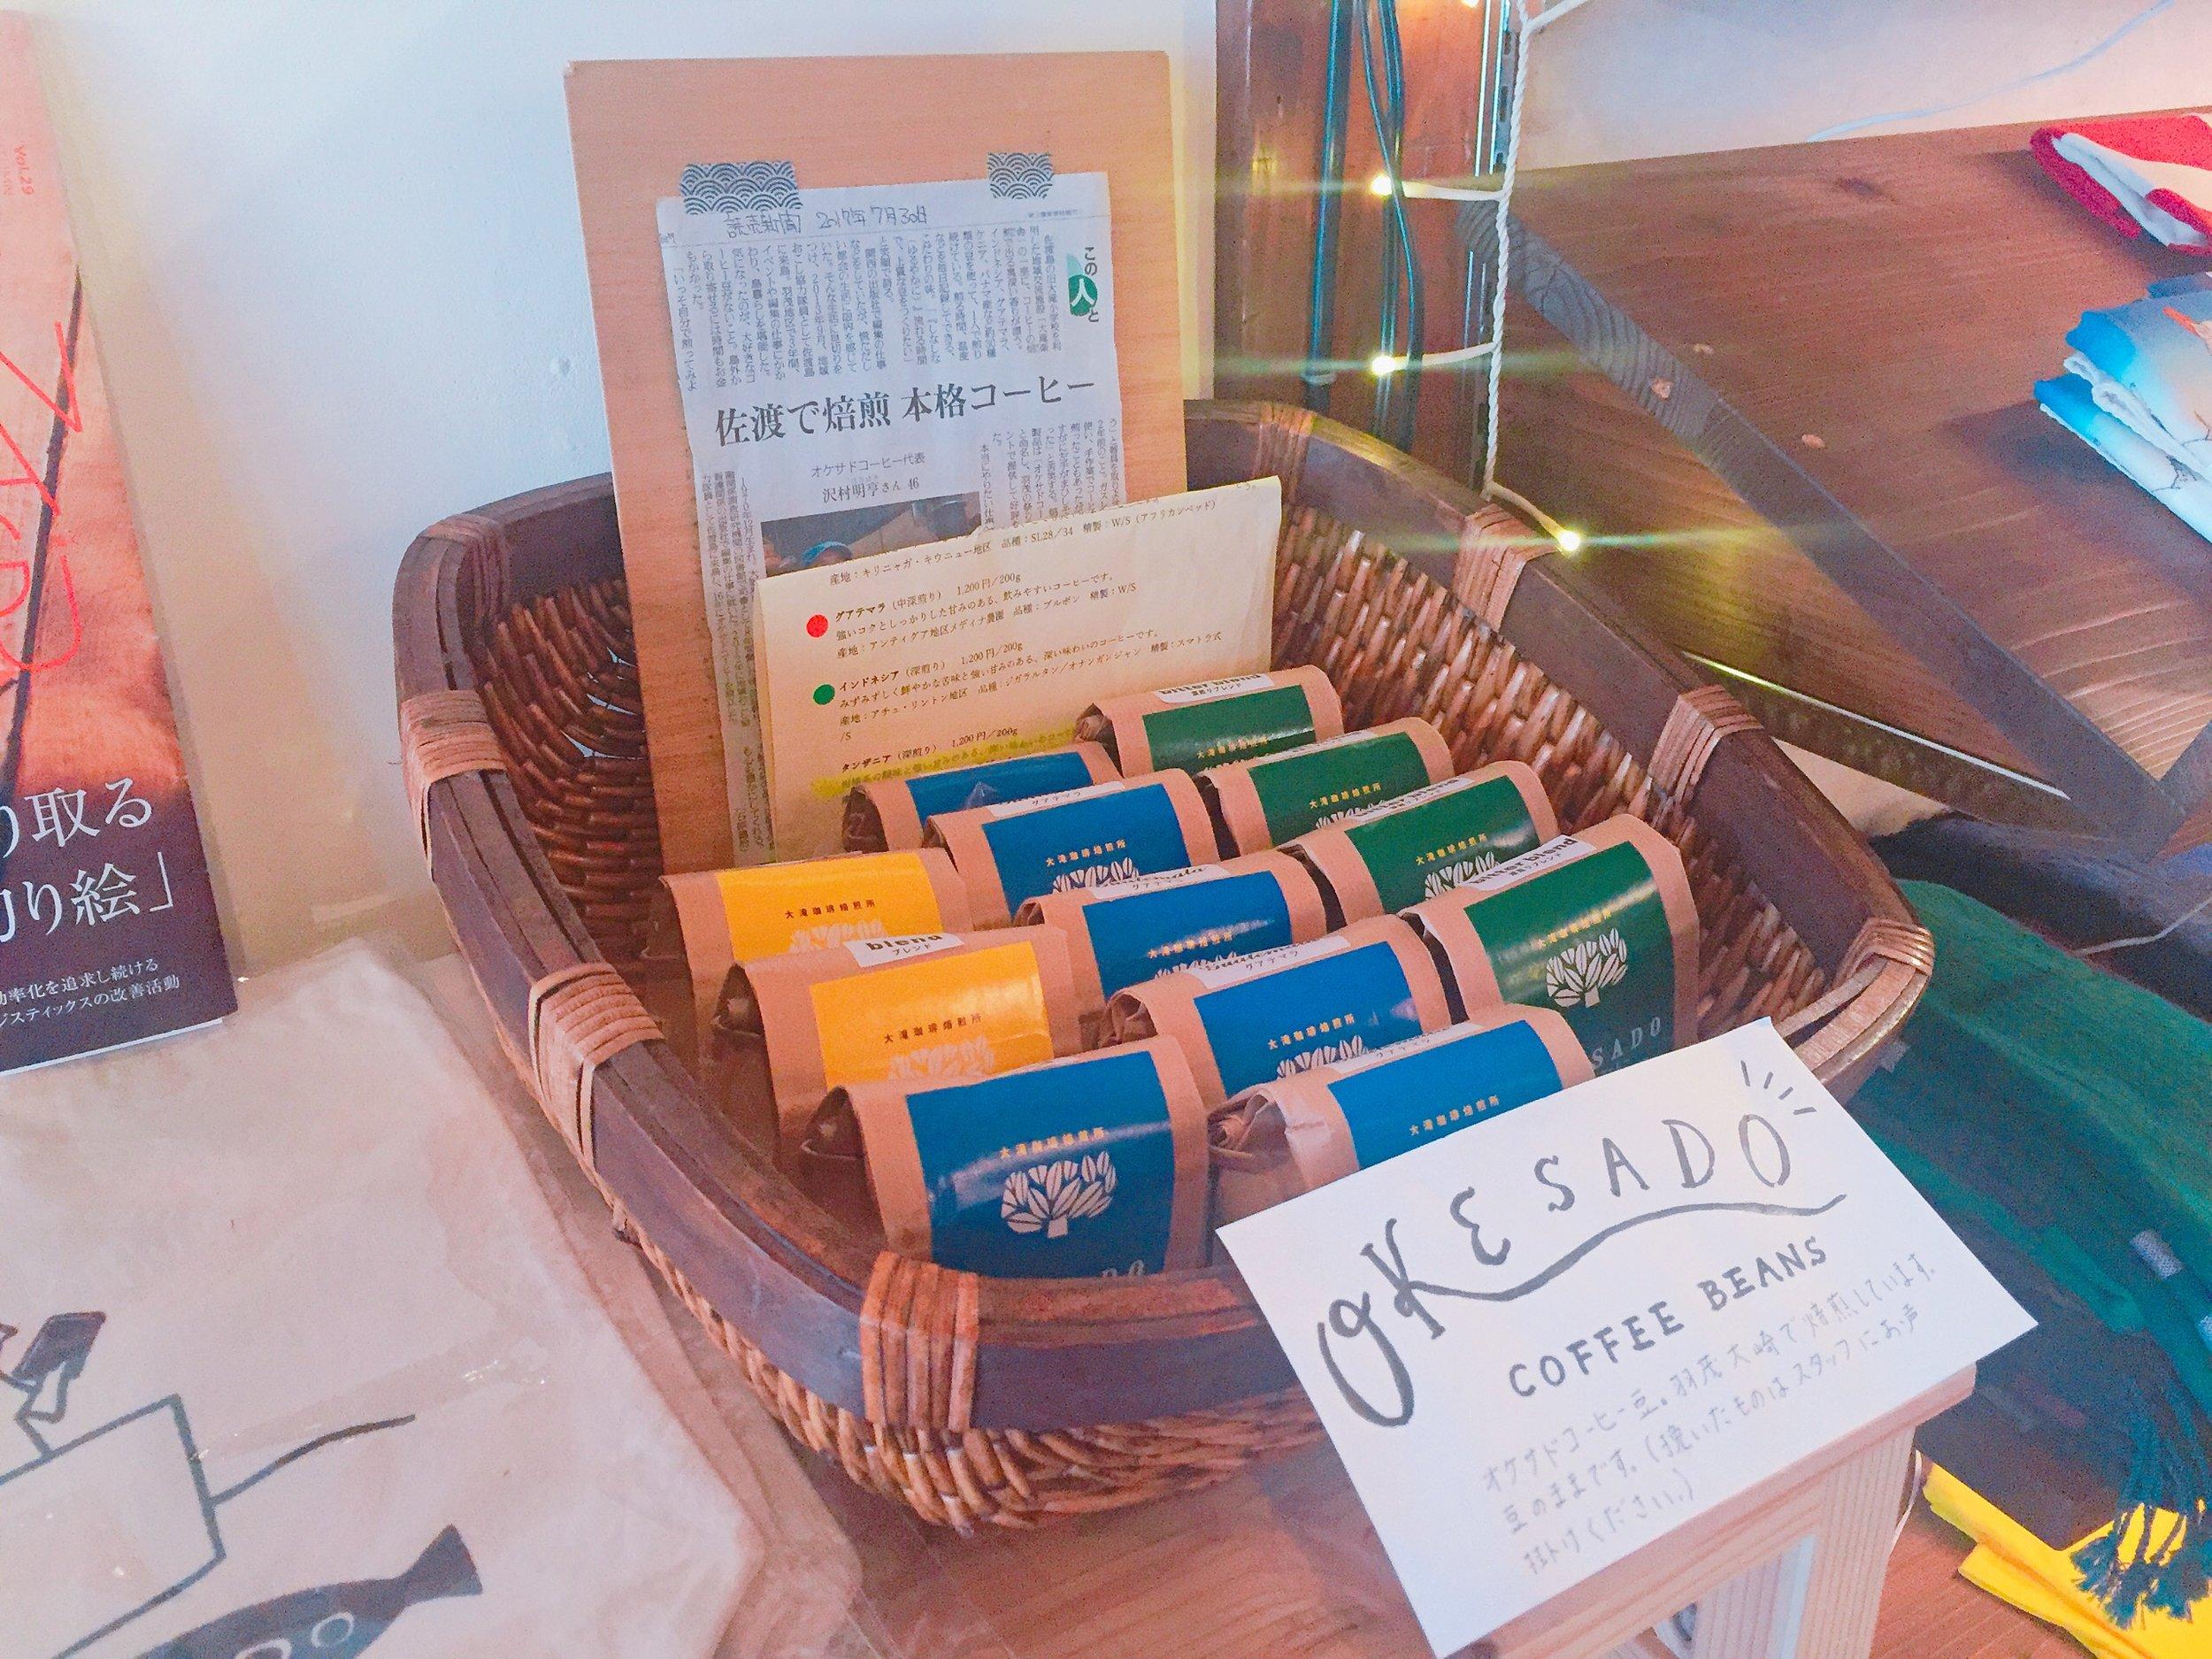 佐渡で焙煎をしている「オケサドコーヒー」のコーヒー豆も買えます